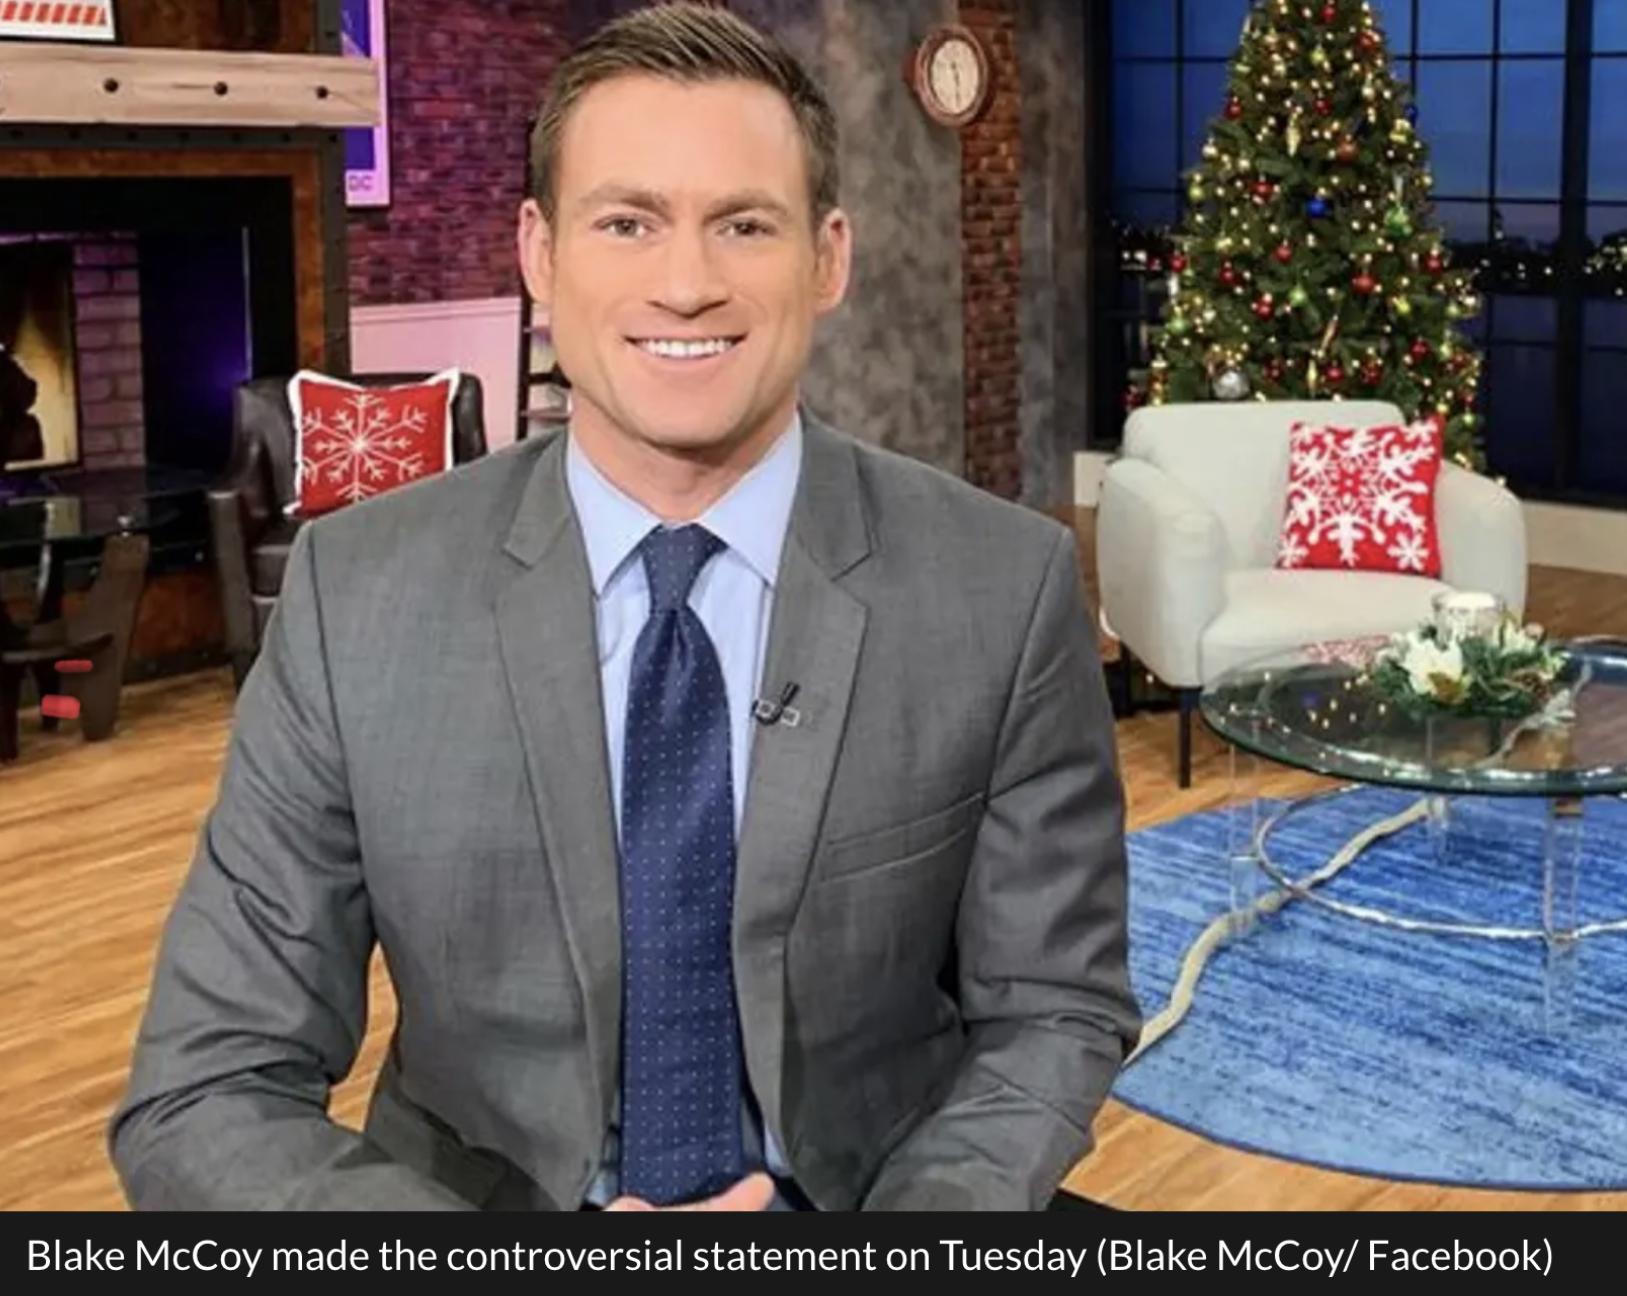 Blake McCoy, qui travaille pour la chaîne d'information Fox 5 à Washington, a été « condamné » par les réseaux sociaux en ligne pour un tweet « blessant et « dégoûtant ». Le présentateur a été retiré de l'antenne par sa hiérarchie après avoir dit qu'il était « ennuyé » que les personnes en situation d'obésité soient priorisées pour le vaccin contre le coronavirus. L'onde choc lui a été fatale.